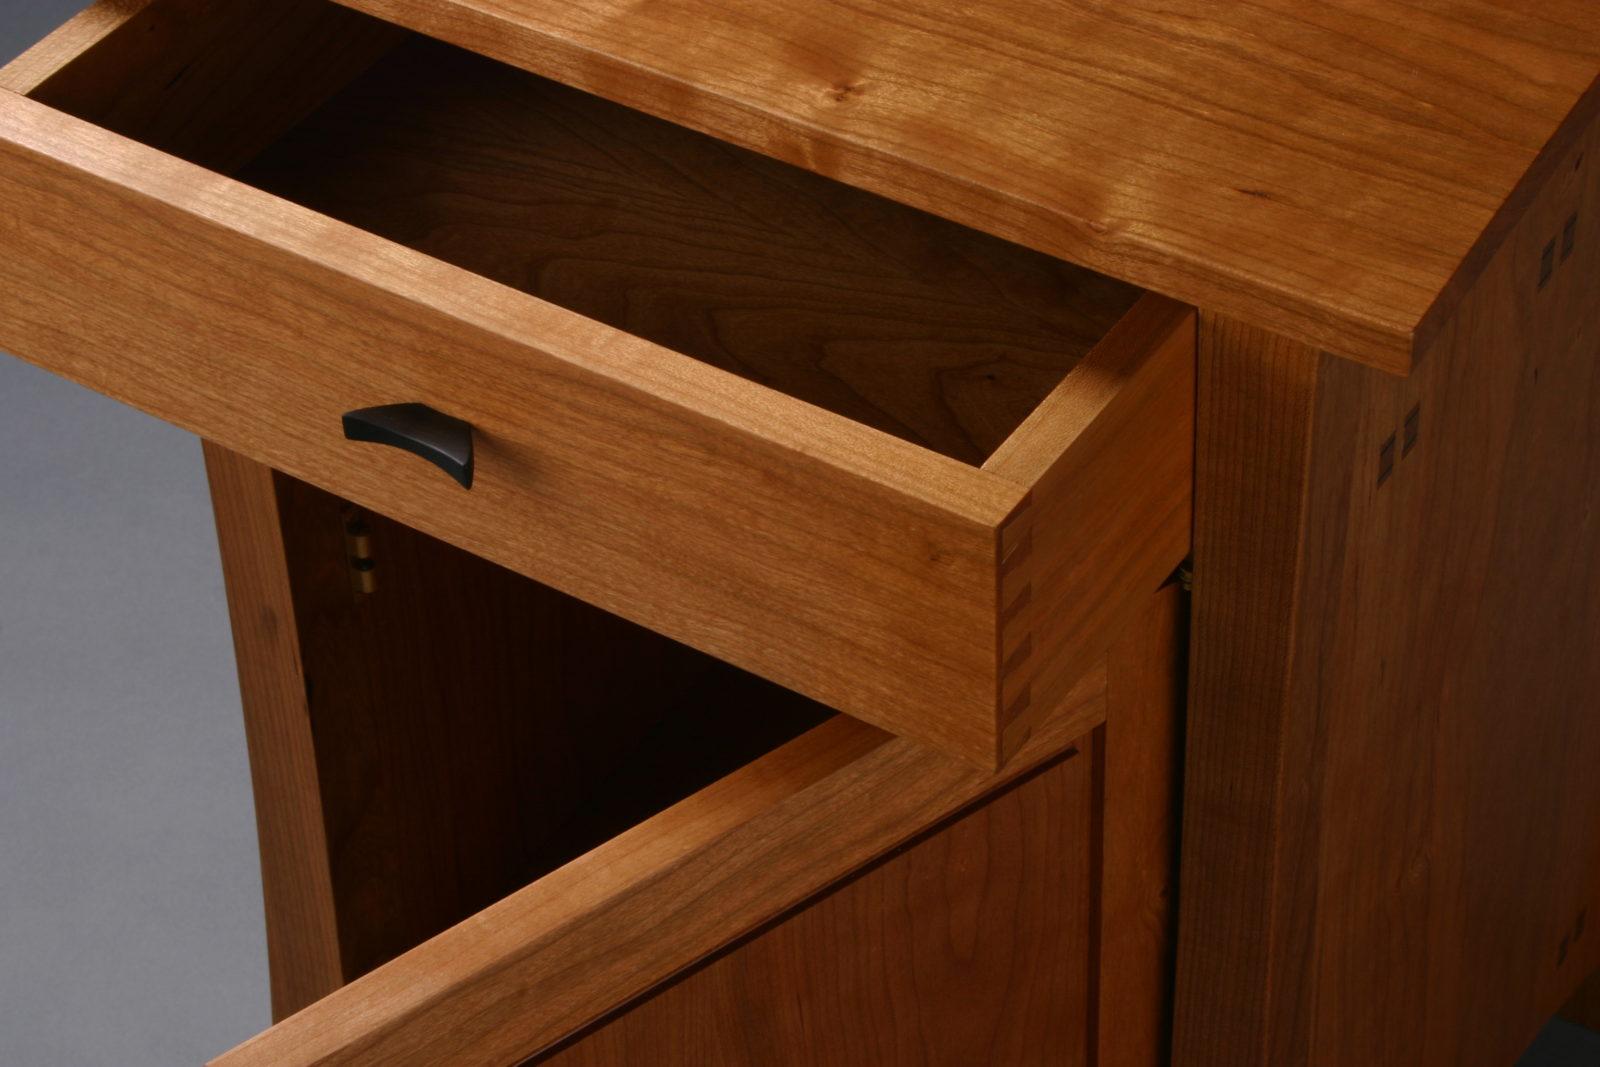 Custom Woodworking Las Vegas F Y Woodwerks 702 525 2169